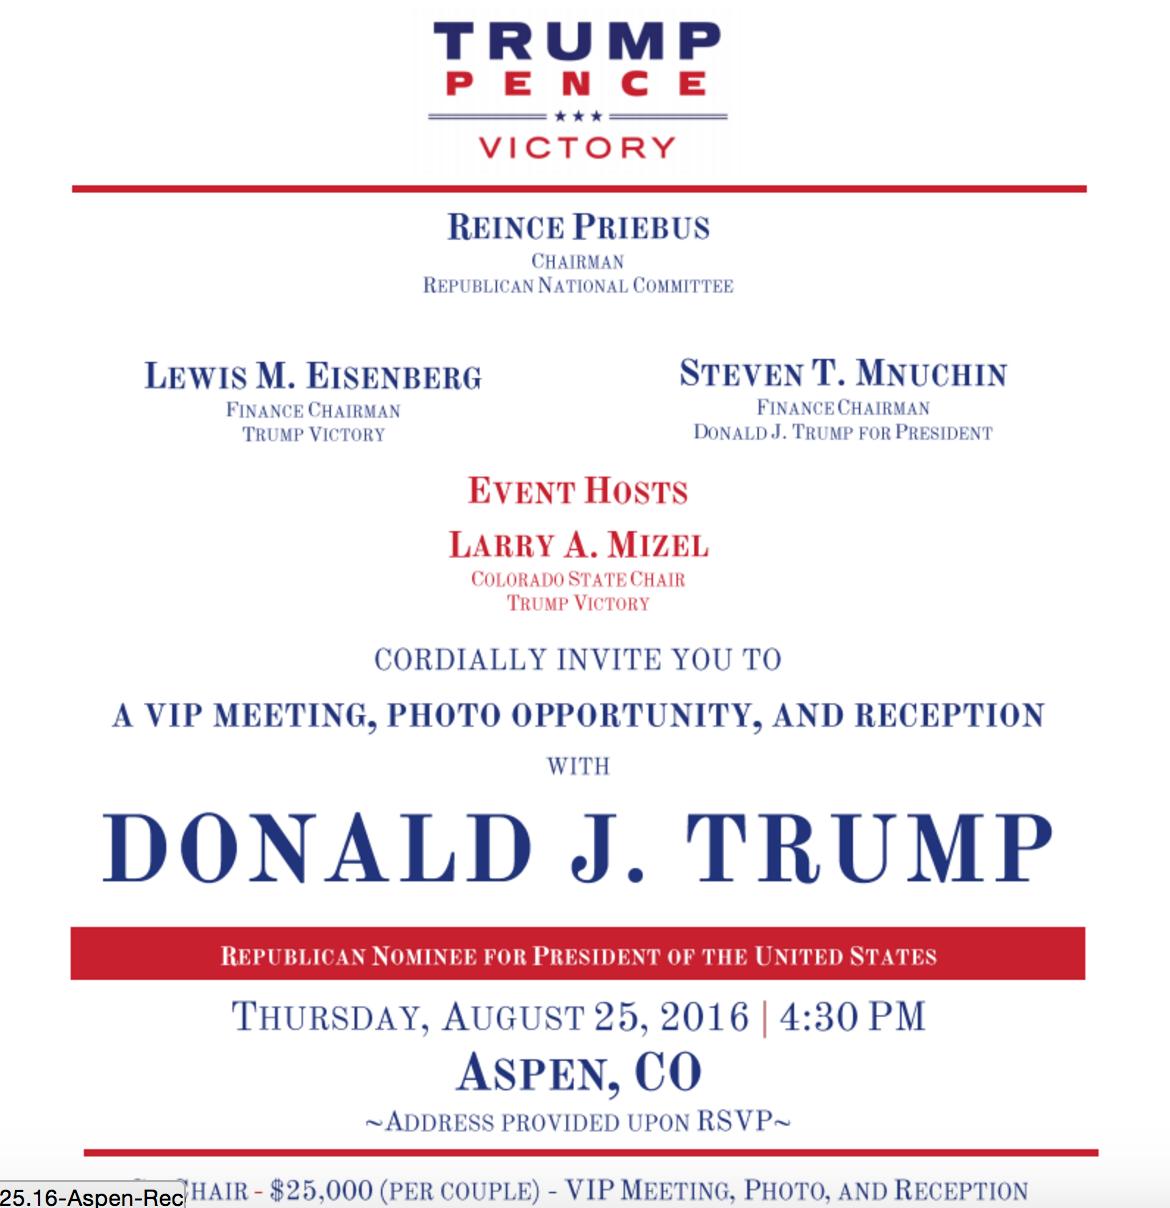 Una invitación para recaudar fondos en la campaña de 2016.